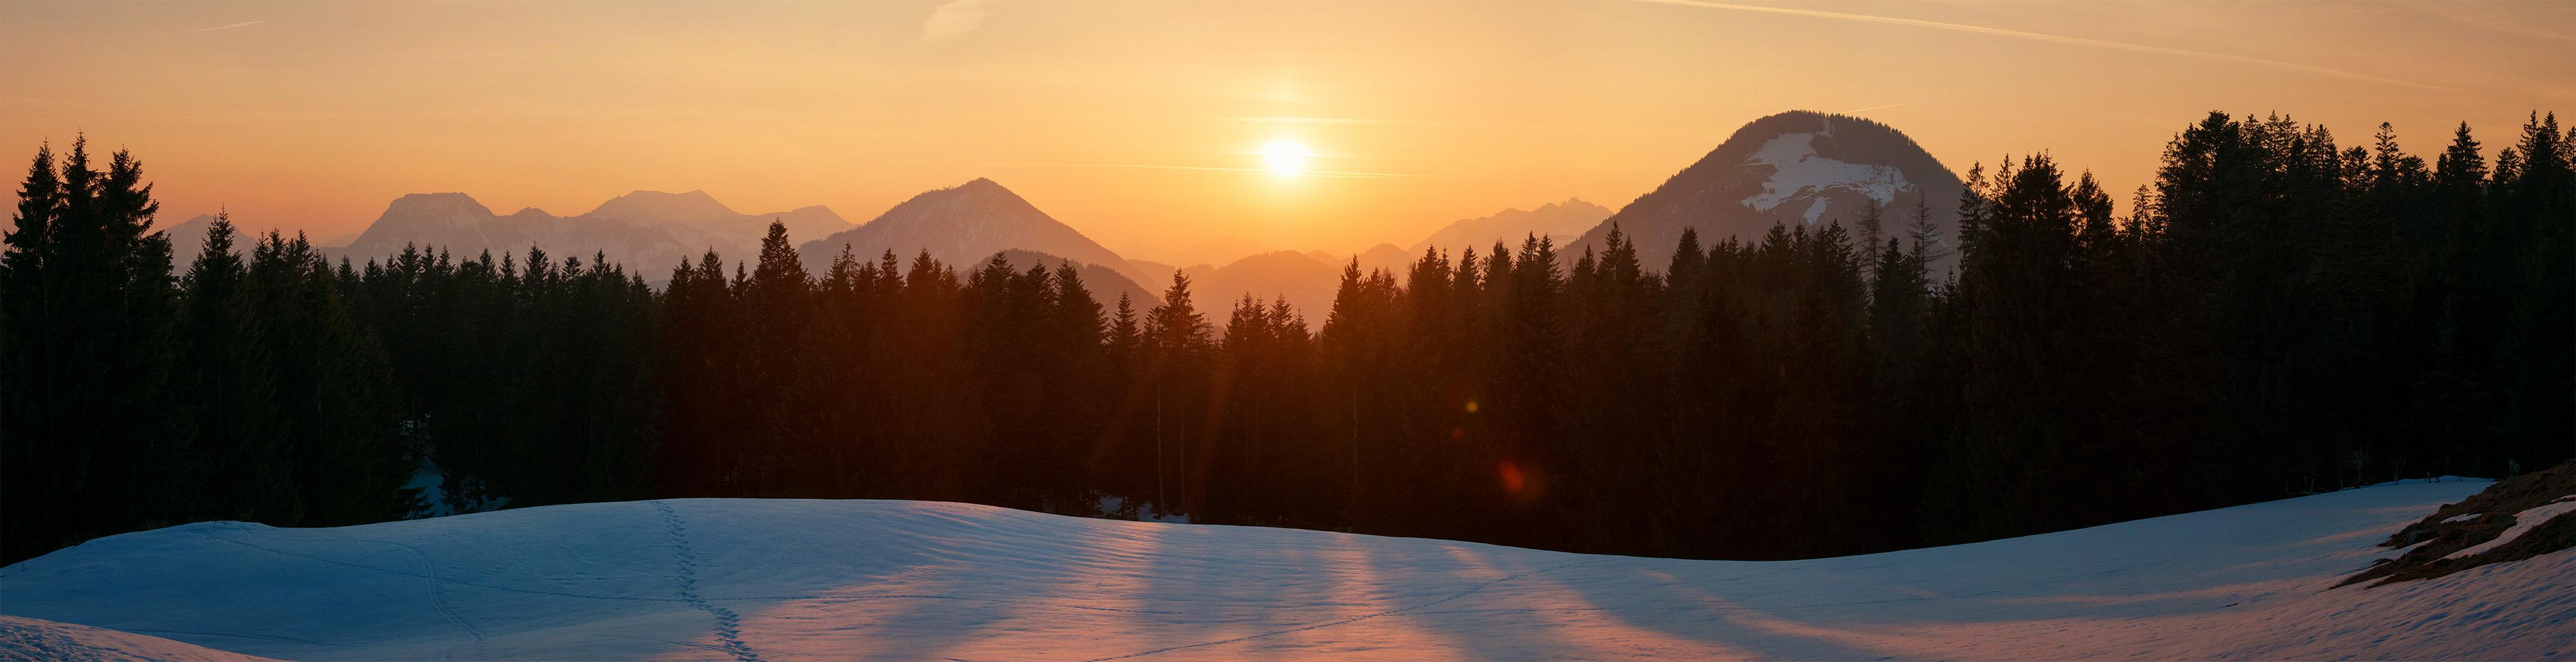 19.03.2015 - Sonnenuntergang über den Bayerischen Voralpen